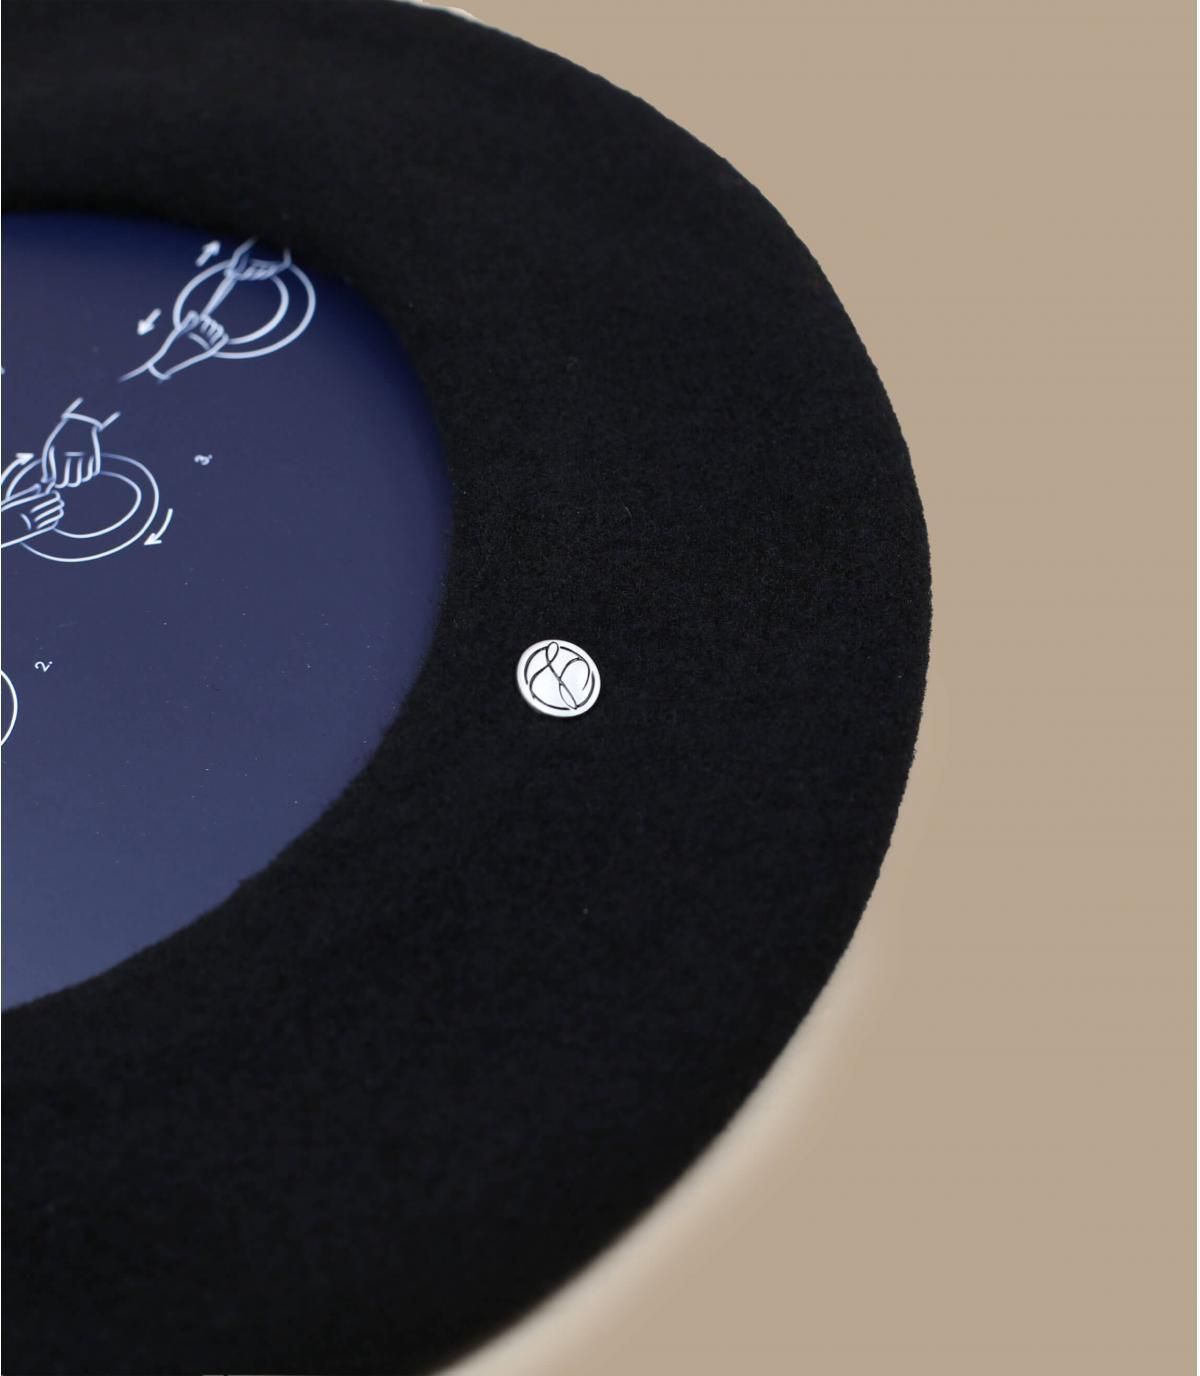 Détails L'authentique beret basque noir - image 3